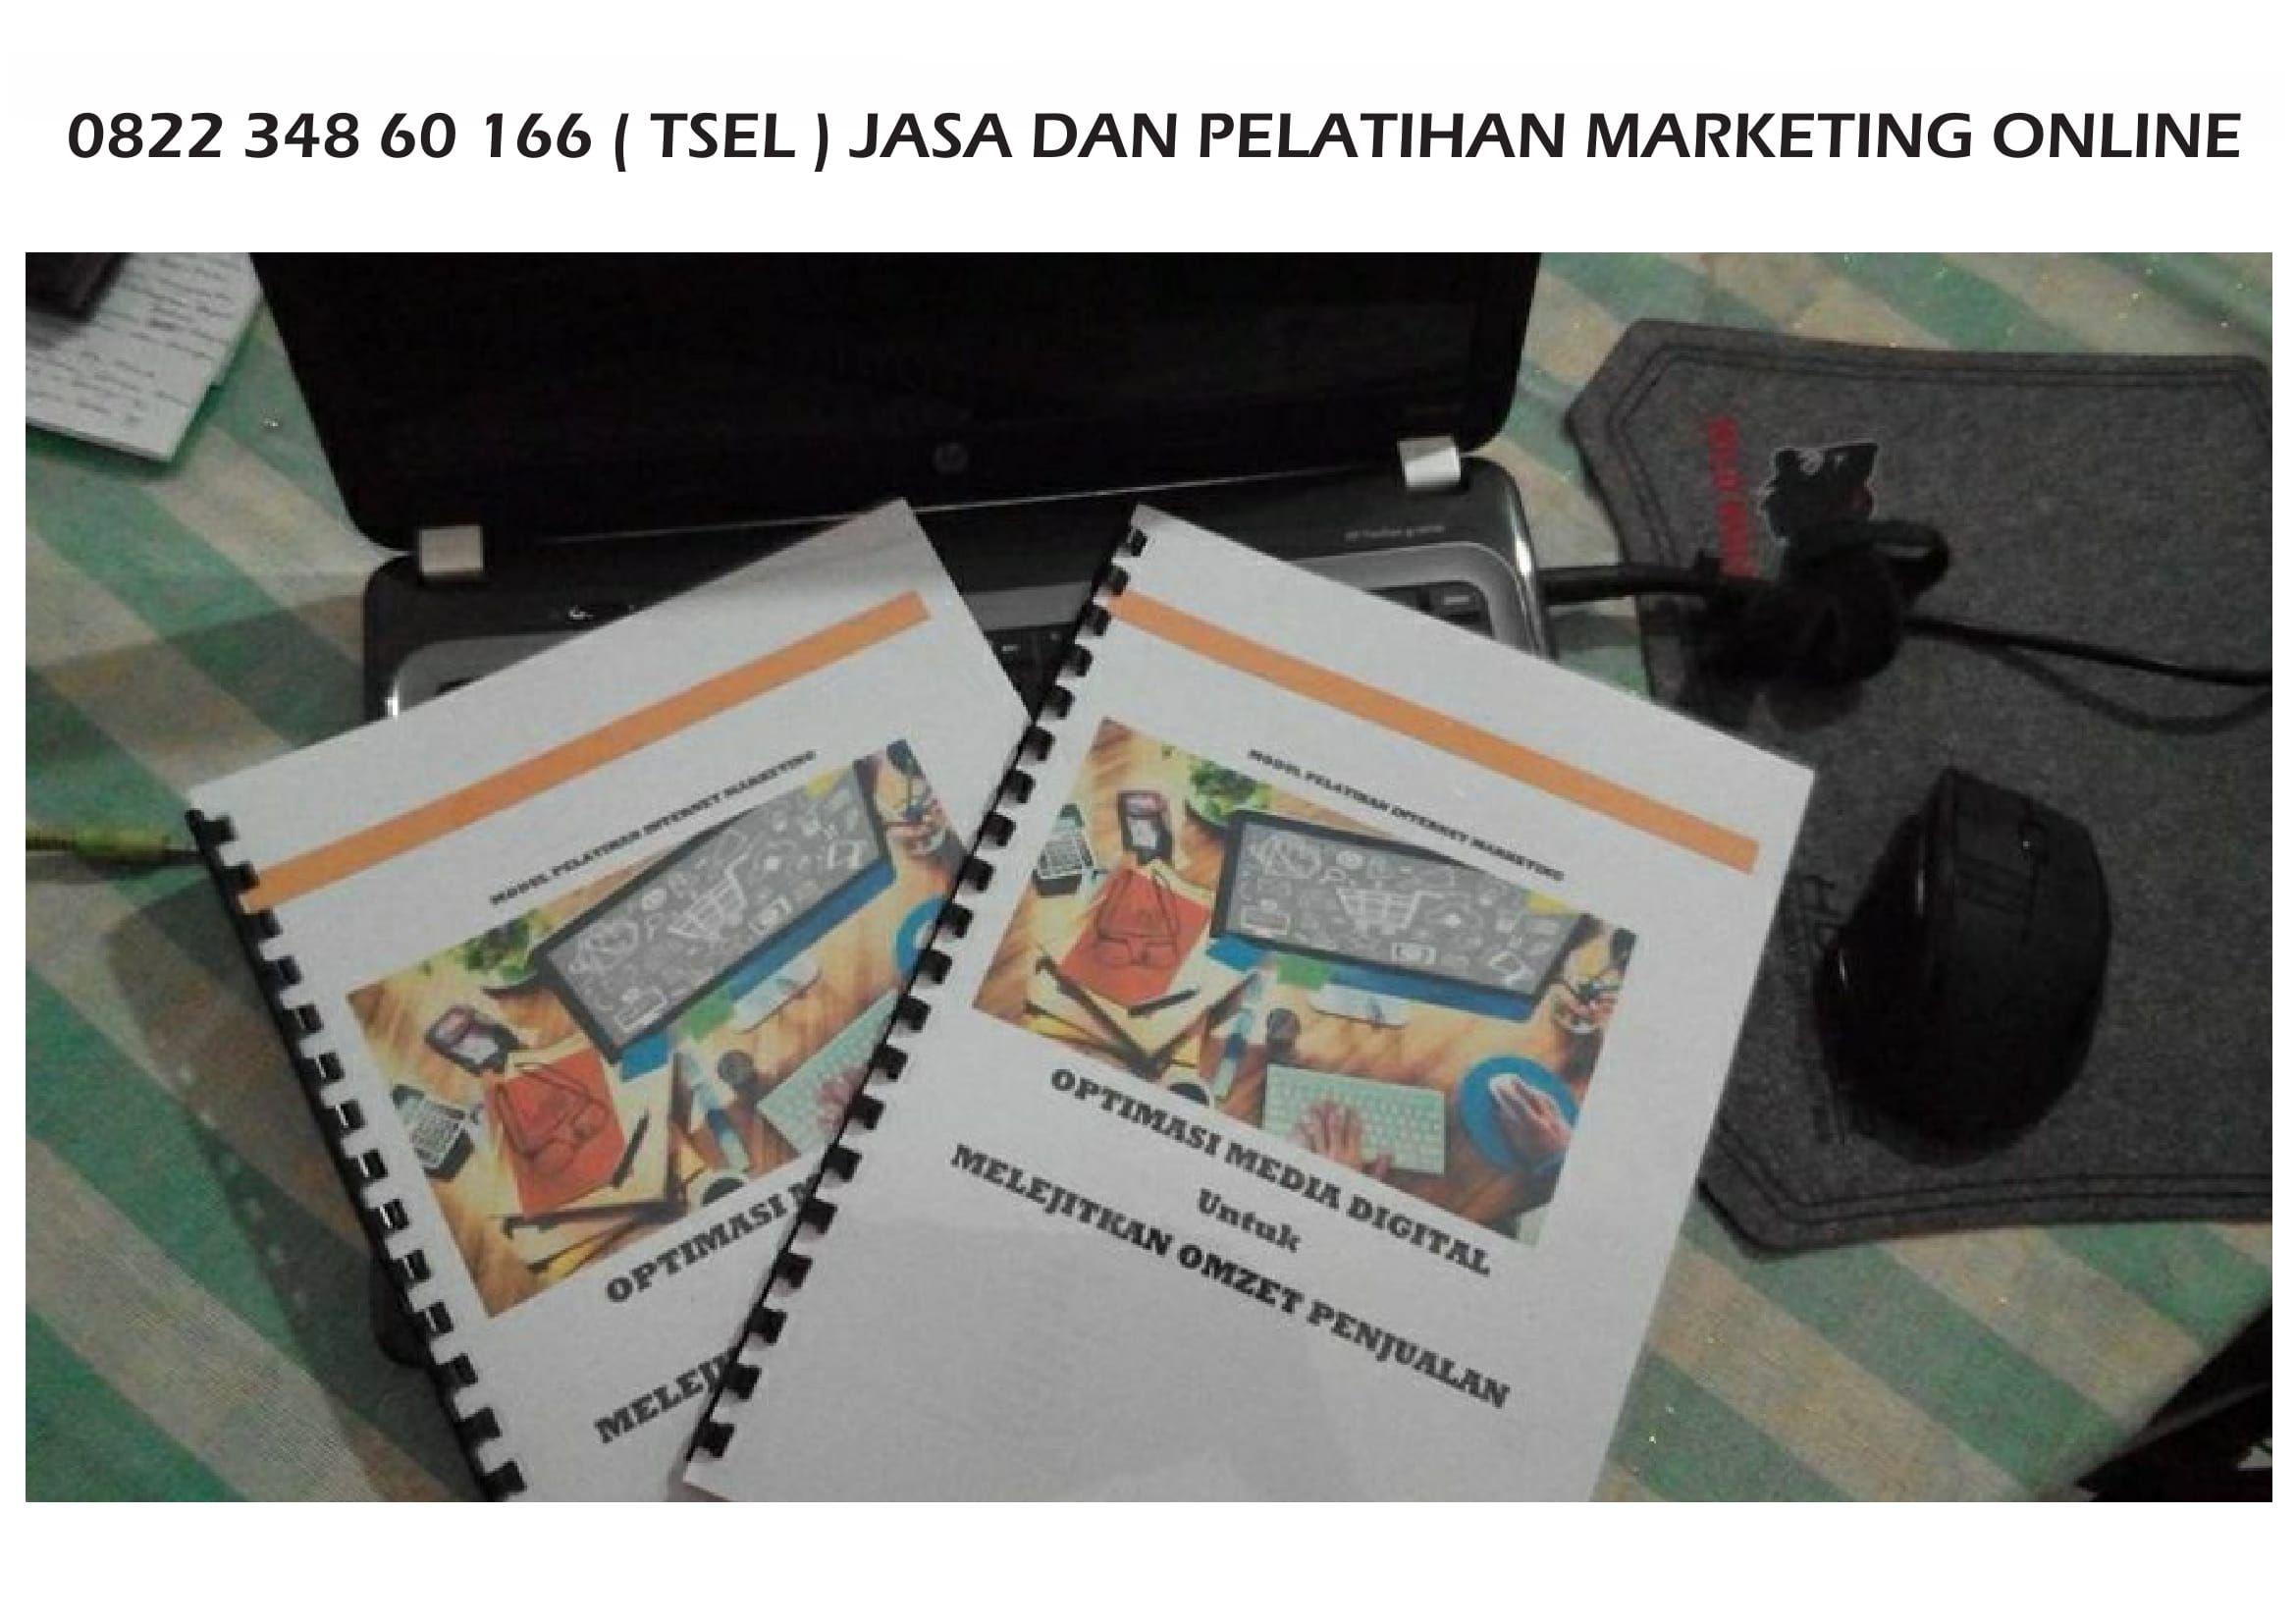 Perdagangan Online Usaha On Line Cara Berbisnis Online Bagi Pemula Cara Menghasilkan Uang Melalui Internet Pe Online Marketing Internet Marketing Marketing